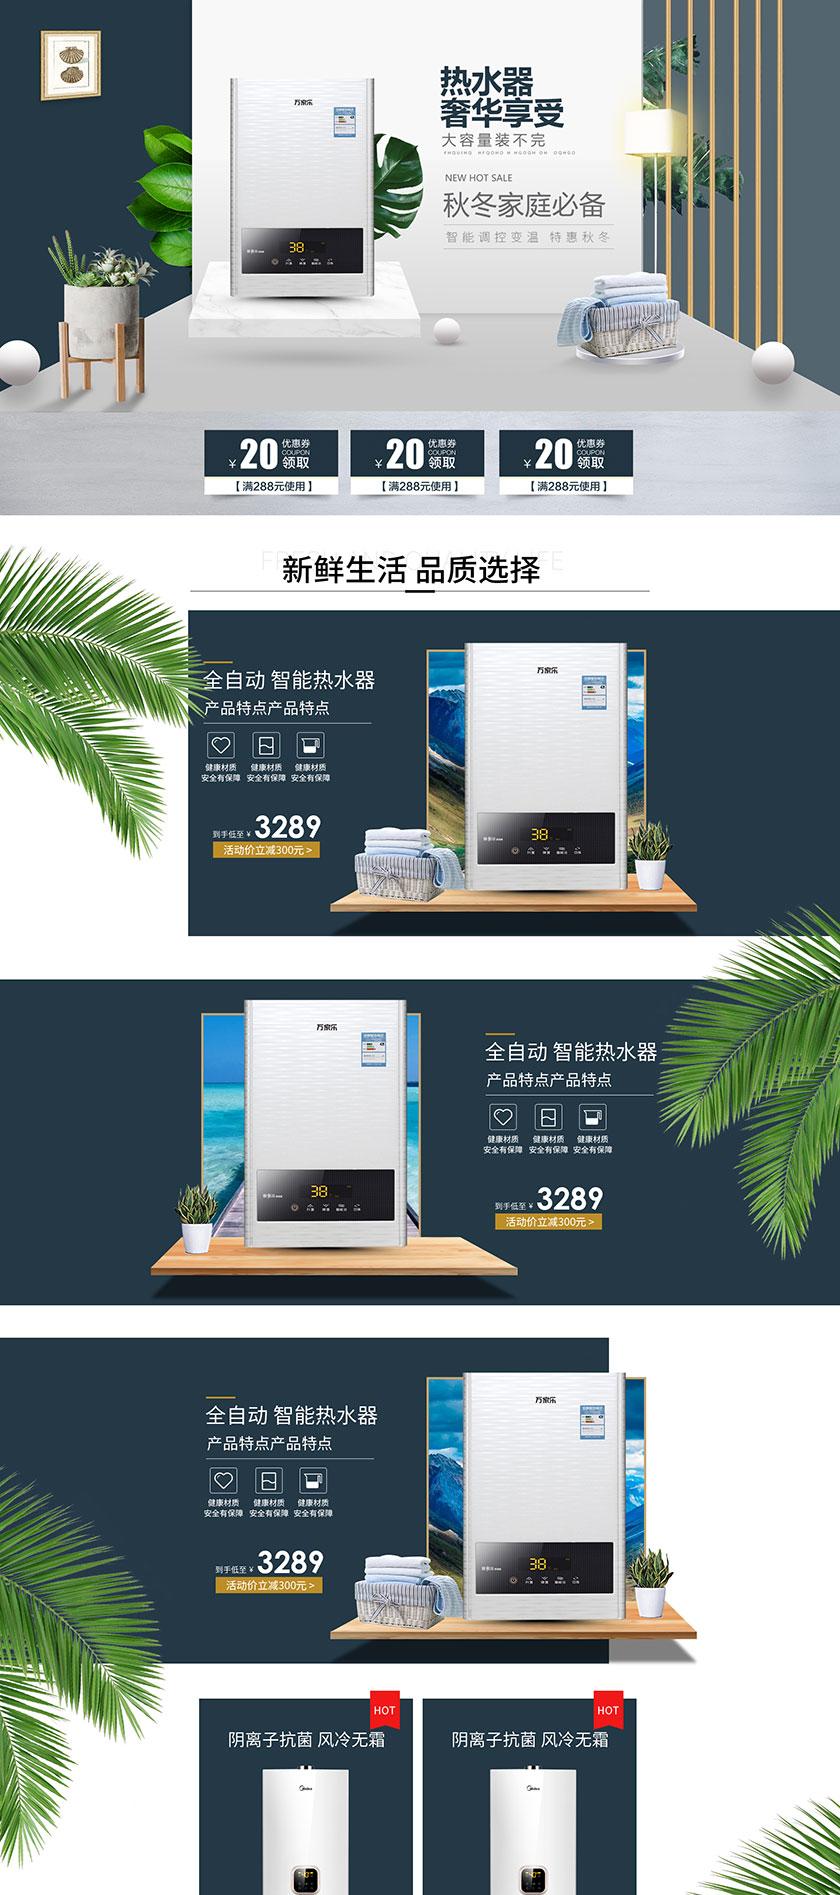 天猫热水器首页设计模板PSD素材